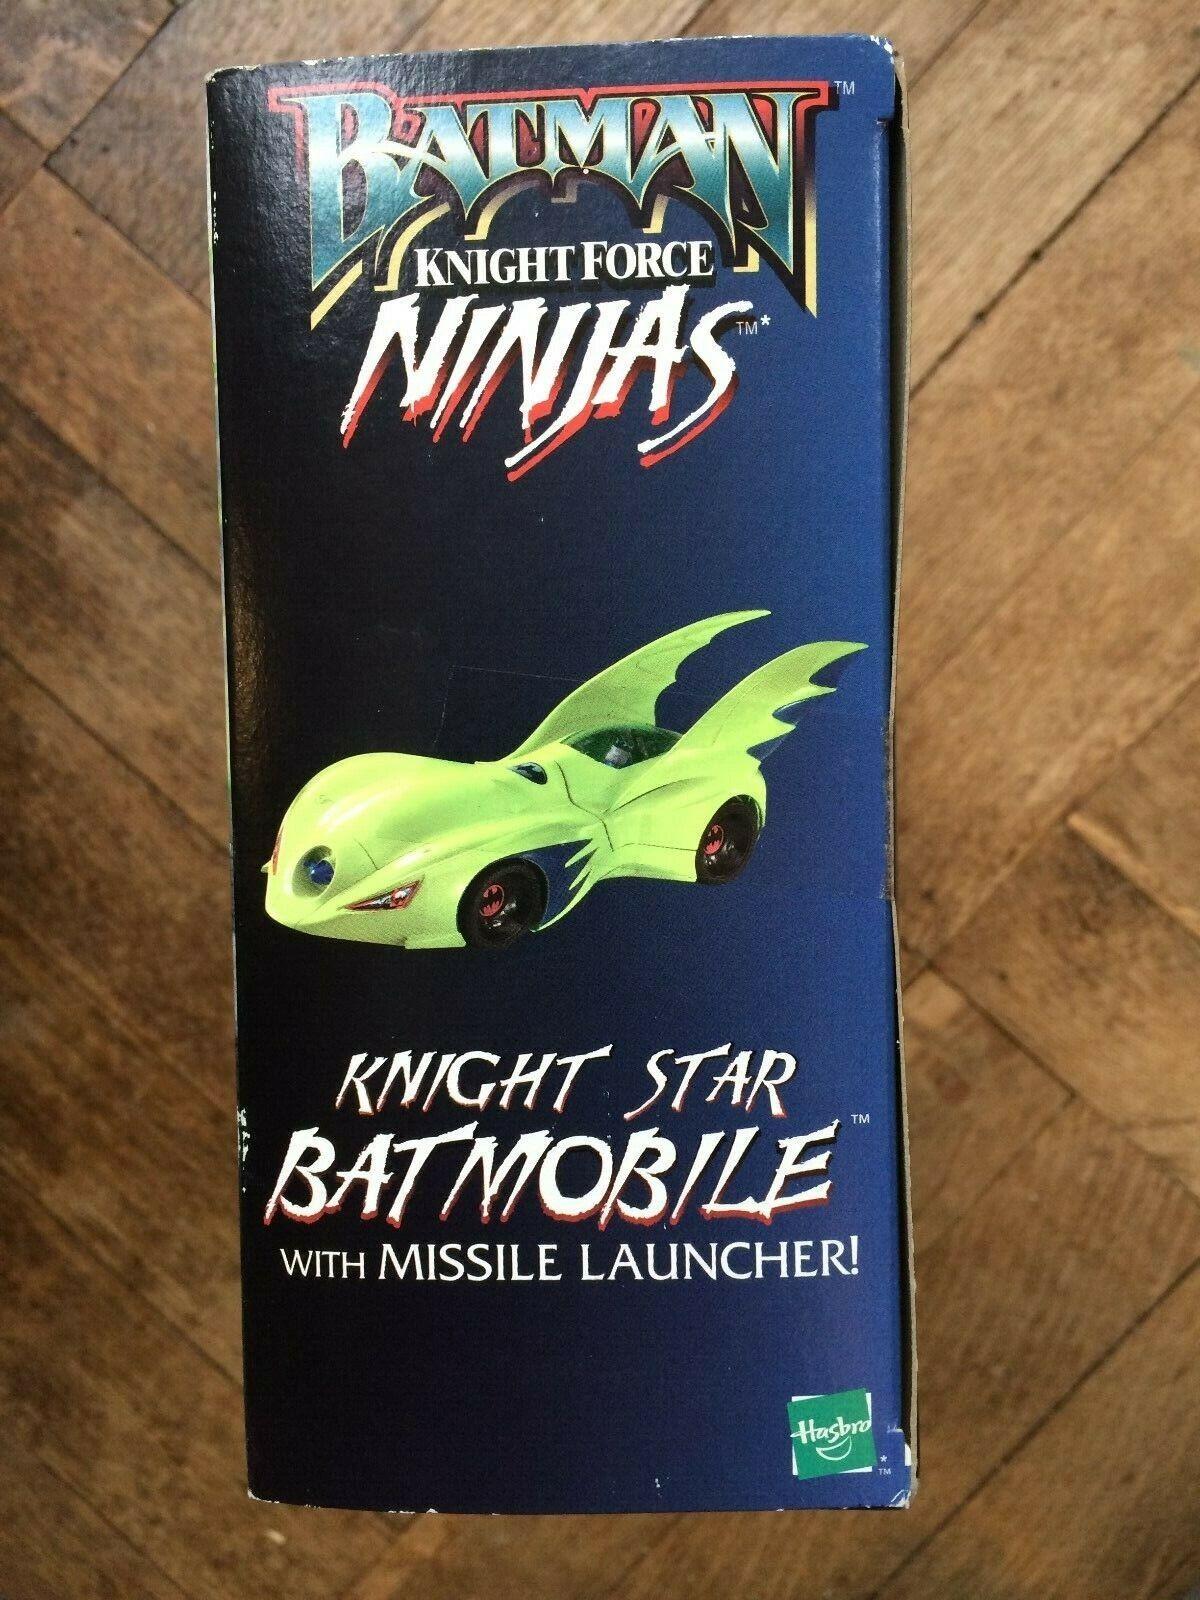 BATMAN CAVALIERE Star BATMOBILE da cavaliere cavaliere cavaliere forza Ninja Gamma, Hasbro 1998, Nuovo di zecca con scatola b30970